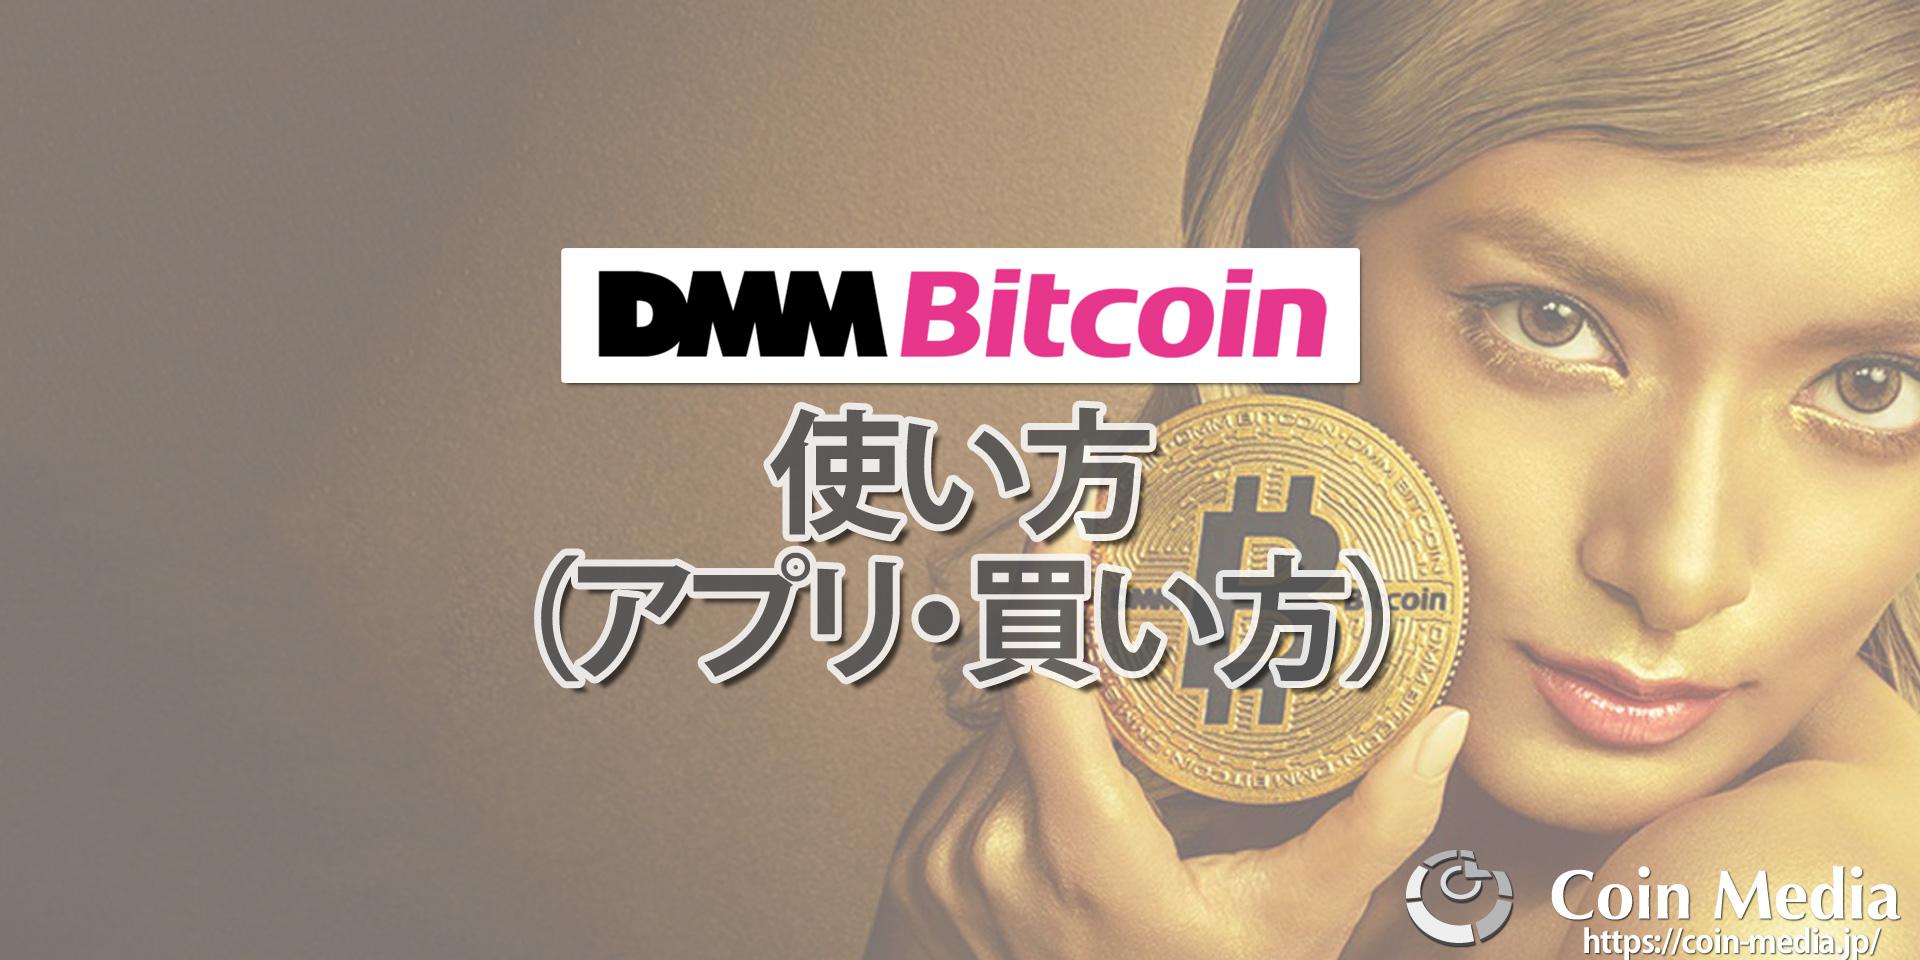 DMMビットコイン使い方(アプリ・買い方)